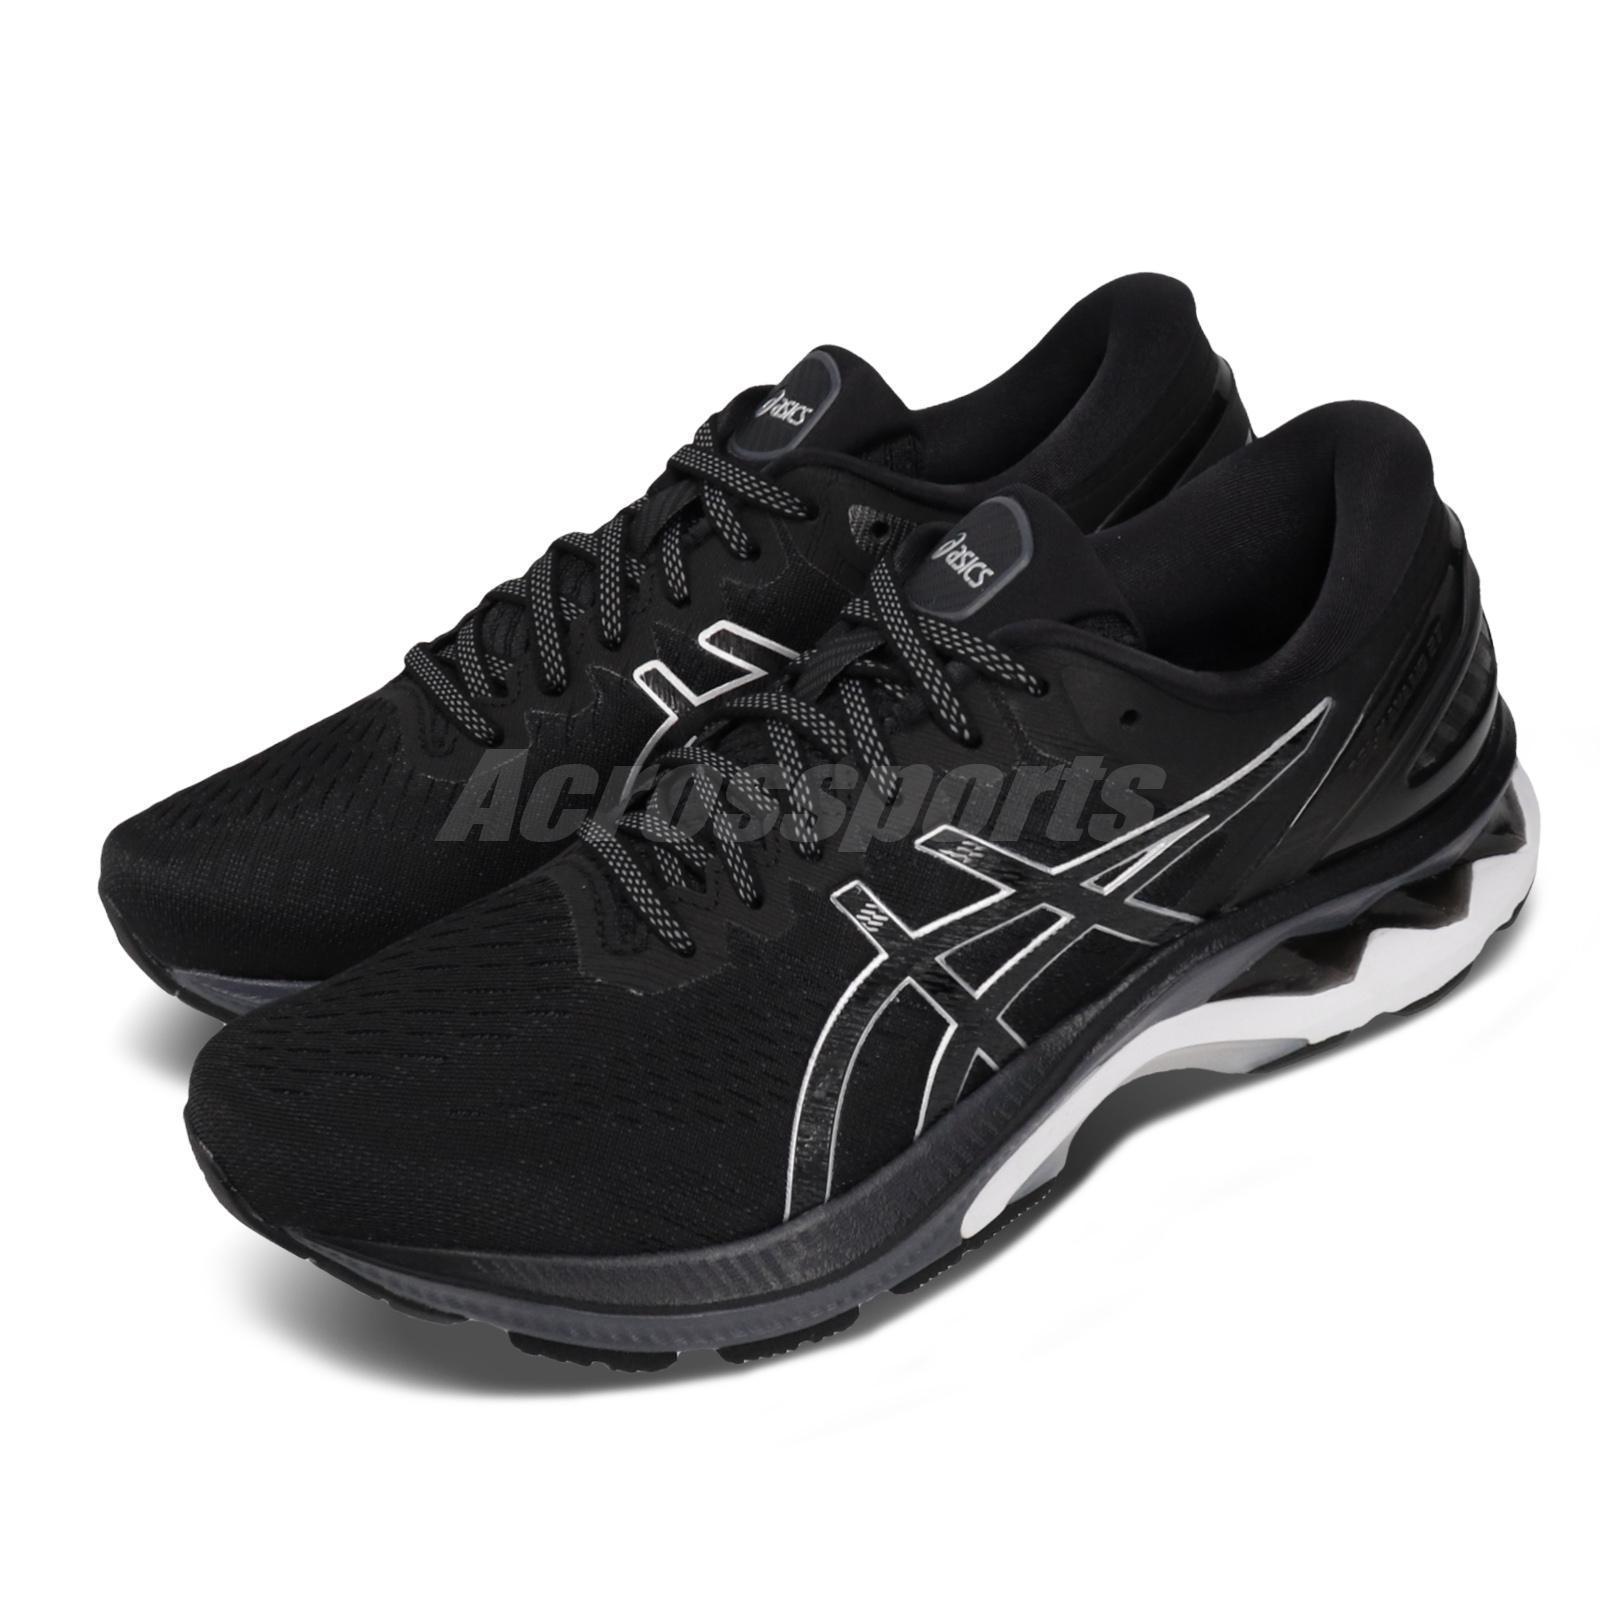 licencia Propiedad Cooperación  Asics Gel-Kayano 27 2E Wide Black Silver White Men Running Shoes  1011A835-001   eBay